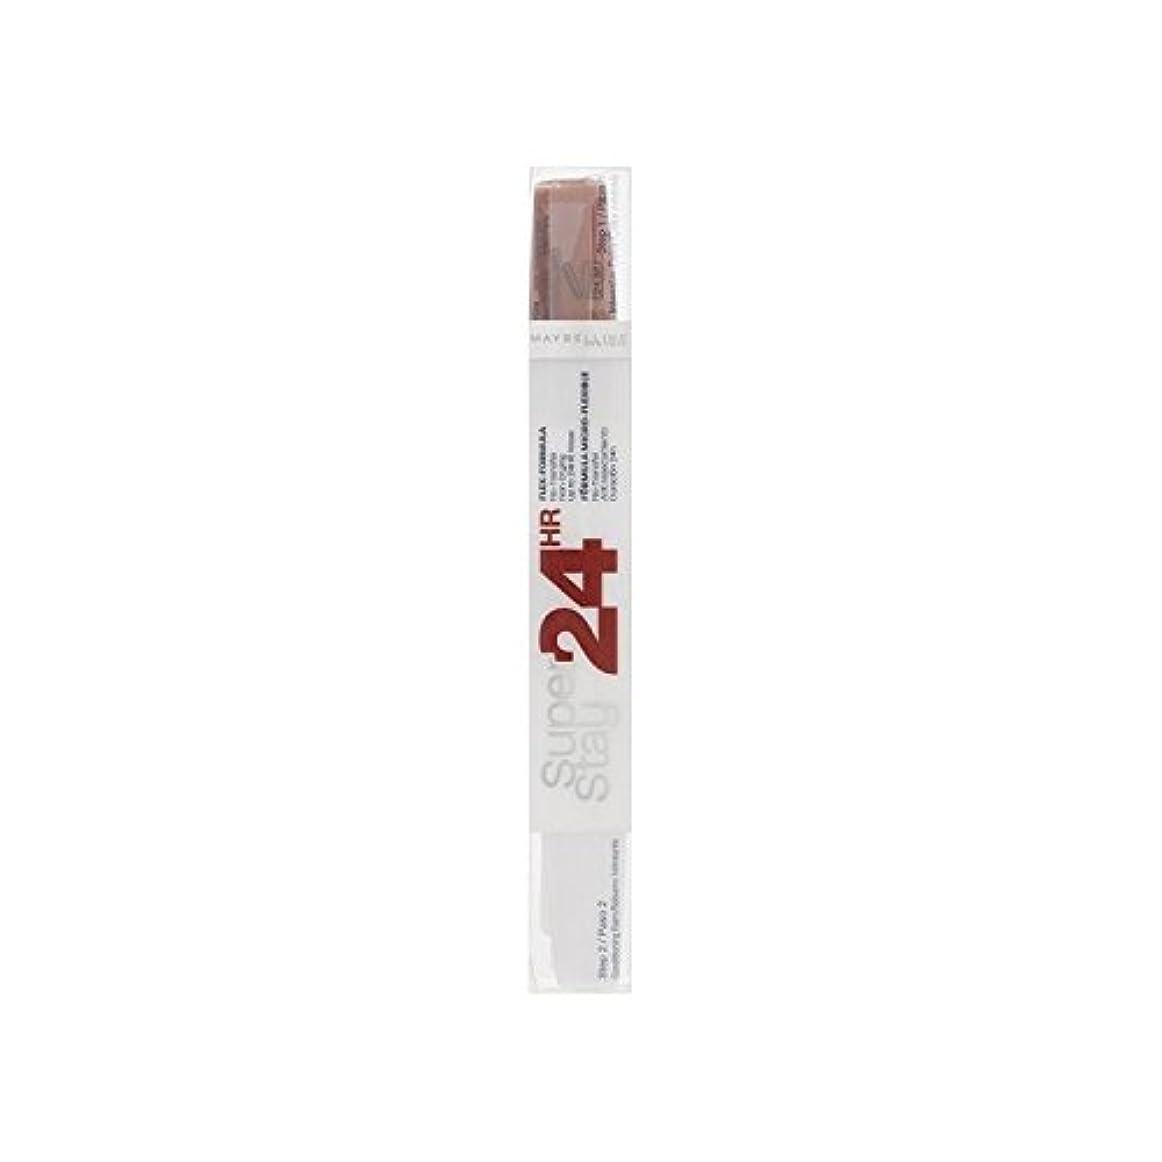 旅影響適格メイベリン24デュアル口紅575ピンクスパイス9ミリリットル x4 - Maybelline SuperStay24H Dual Lipstick 575 Pink Spice 9ml (Pack of 4) [並行輸入品]